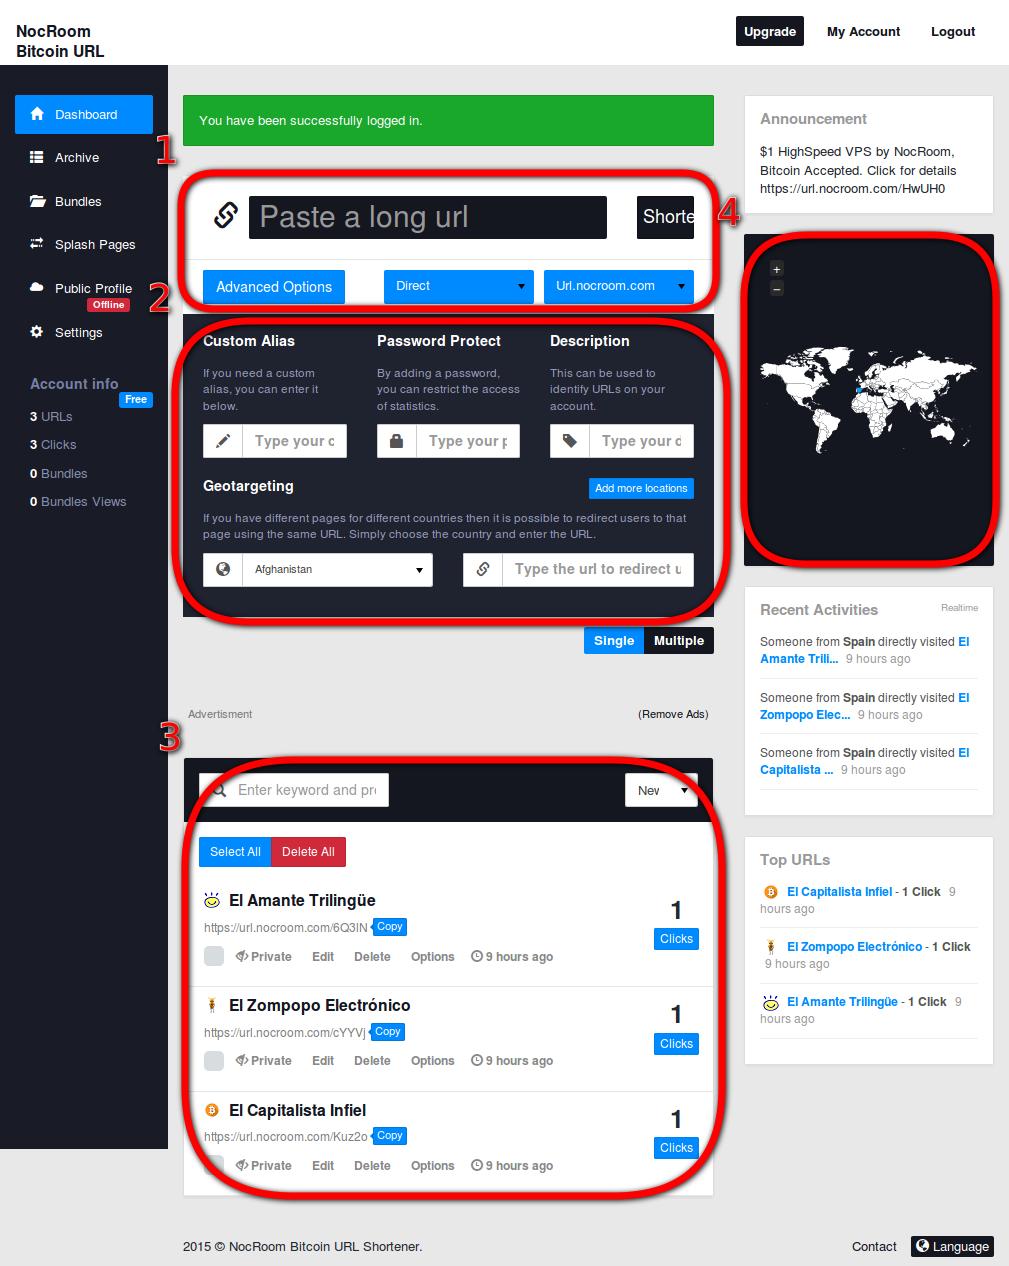 NocRoom - Gana Bitcoins por acortar enlaces - El Capitalista Infiel